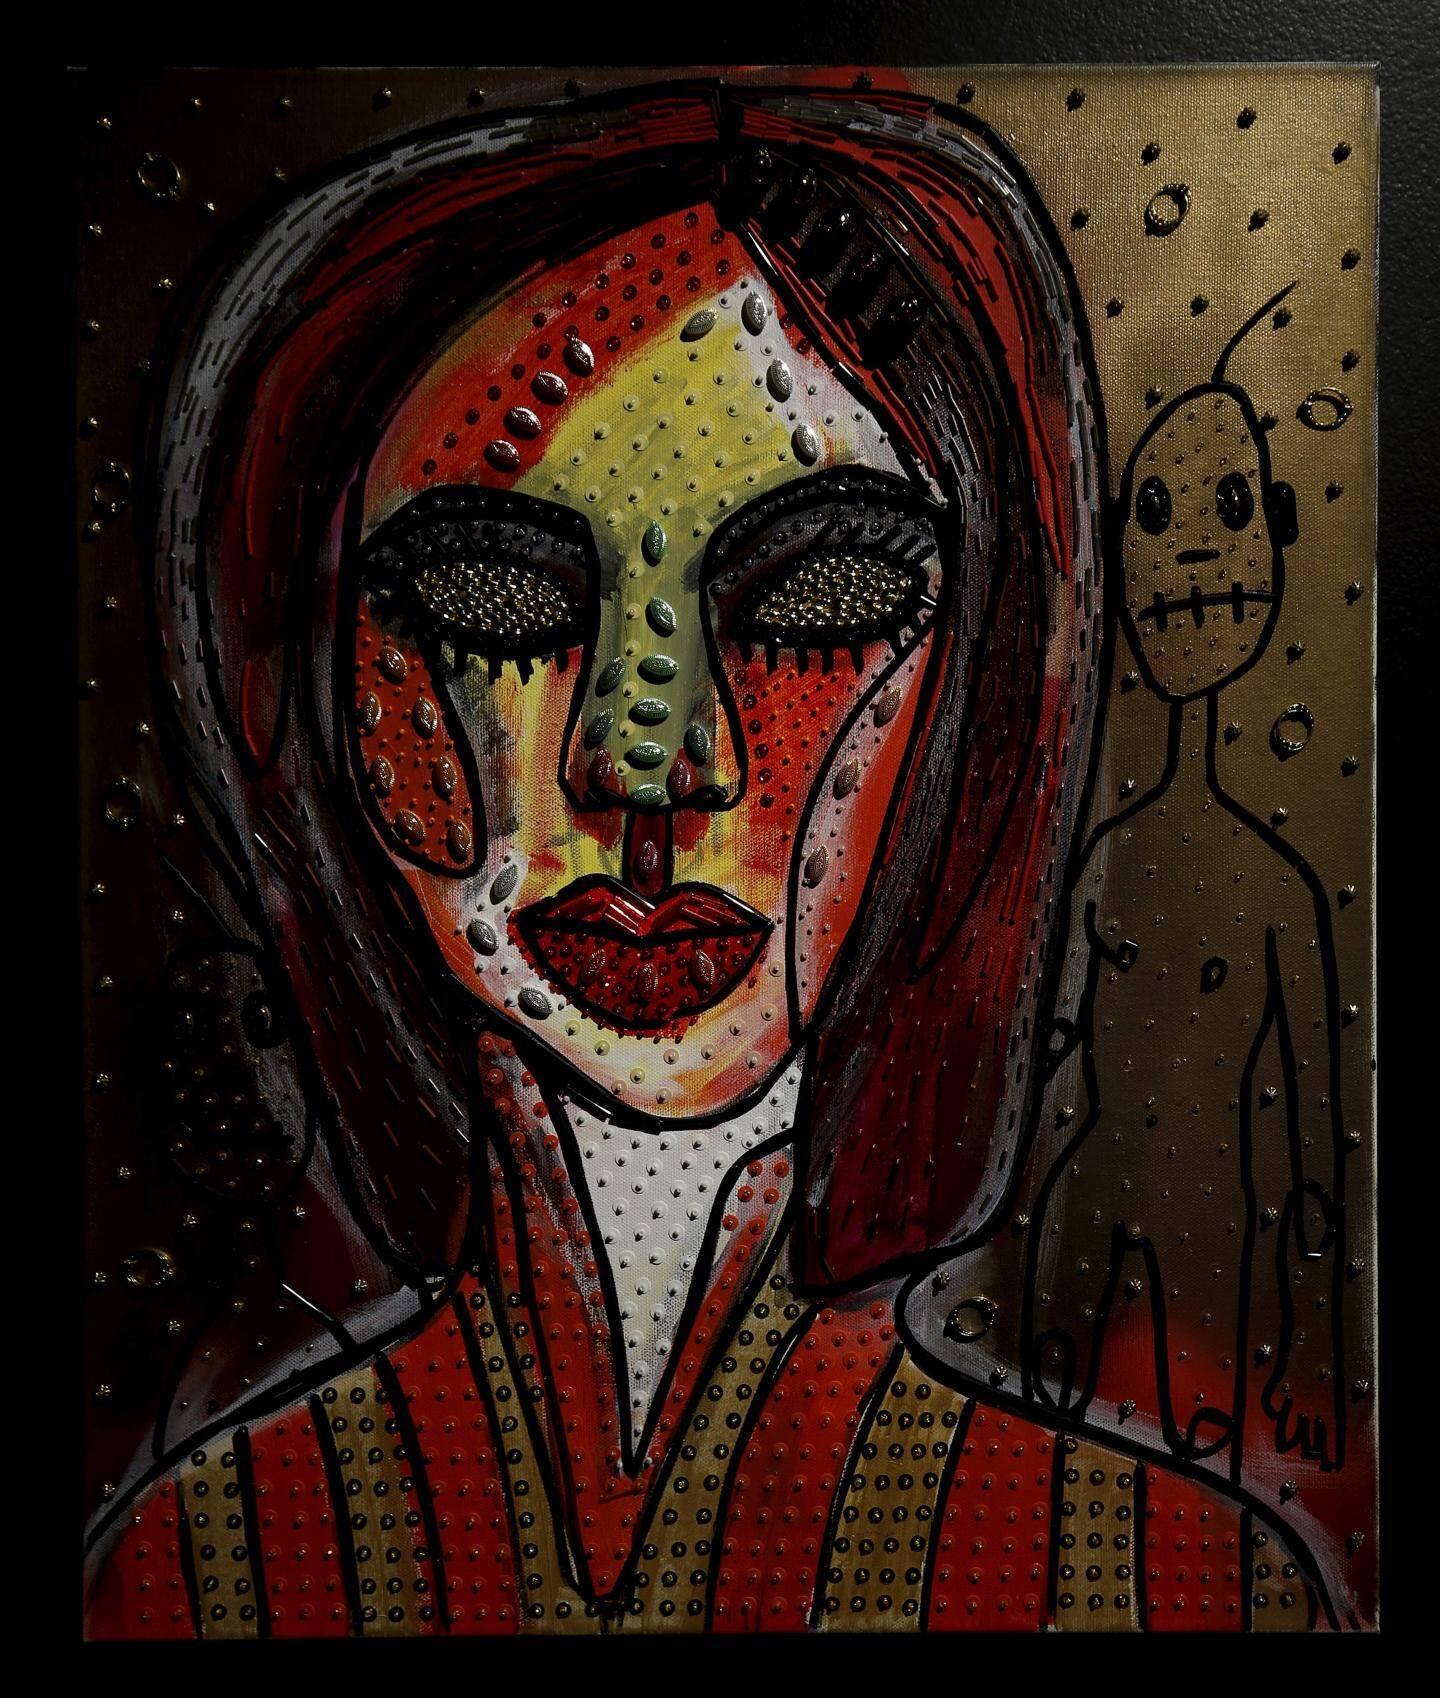 L'art abstrait de Boy George s'accompagne d'un travail autour de perles et de sequins.